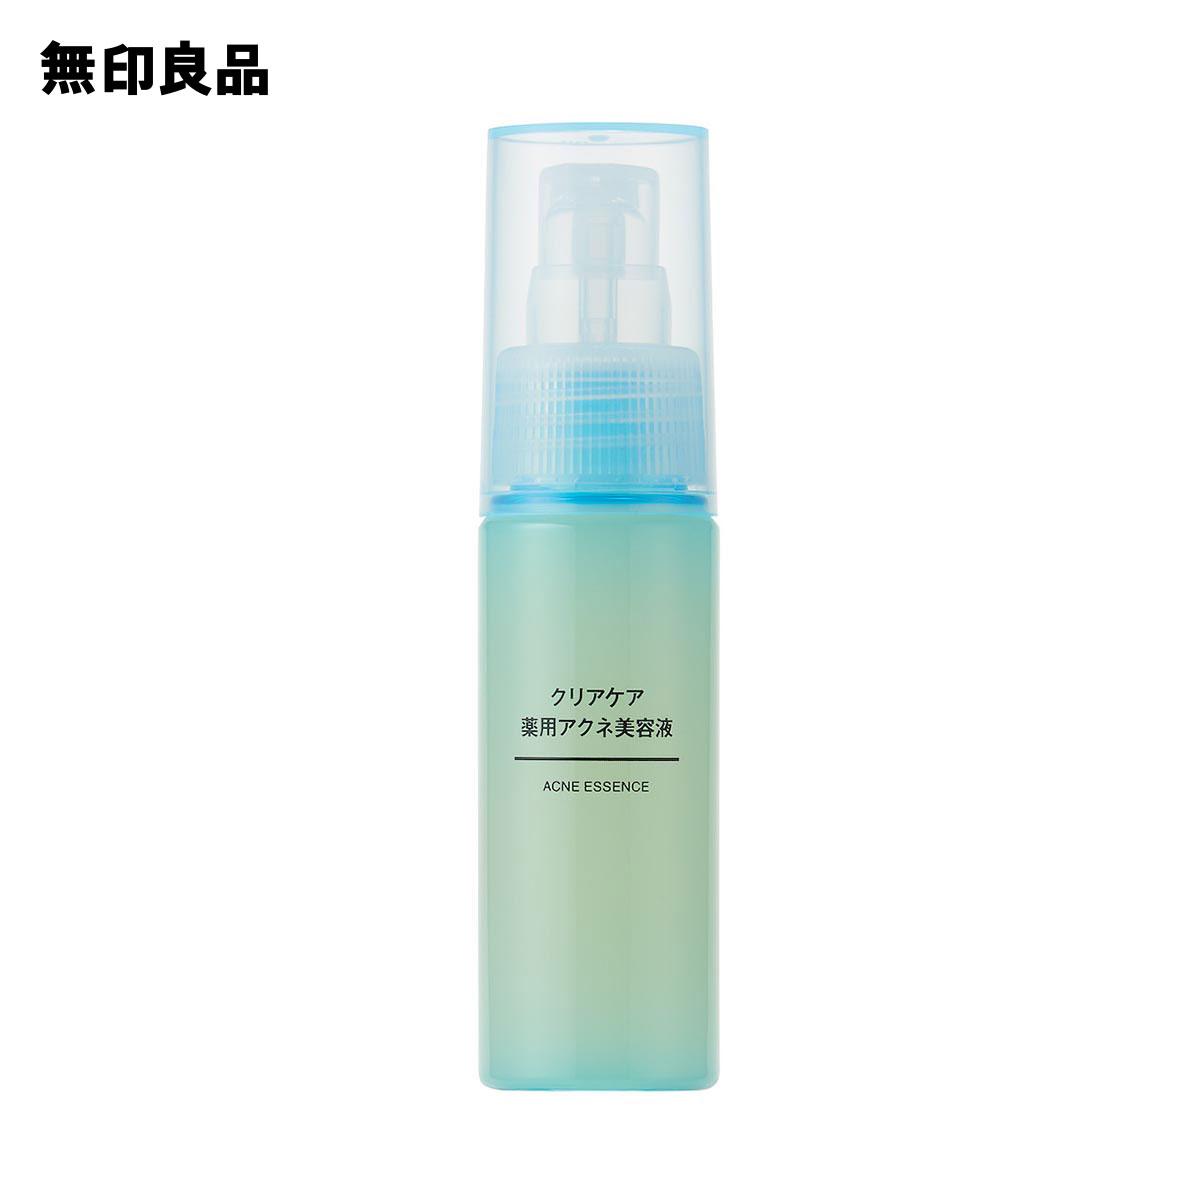 無印良品 公式 本物 クリアケア薬用アクネ美容液50ml 新作製品、世界最高品質人気!